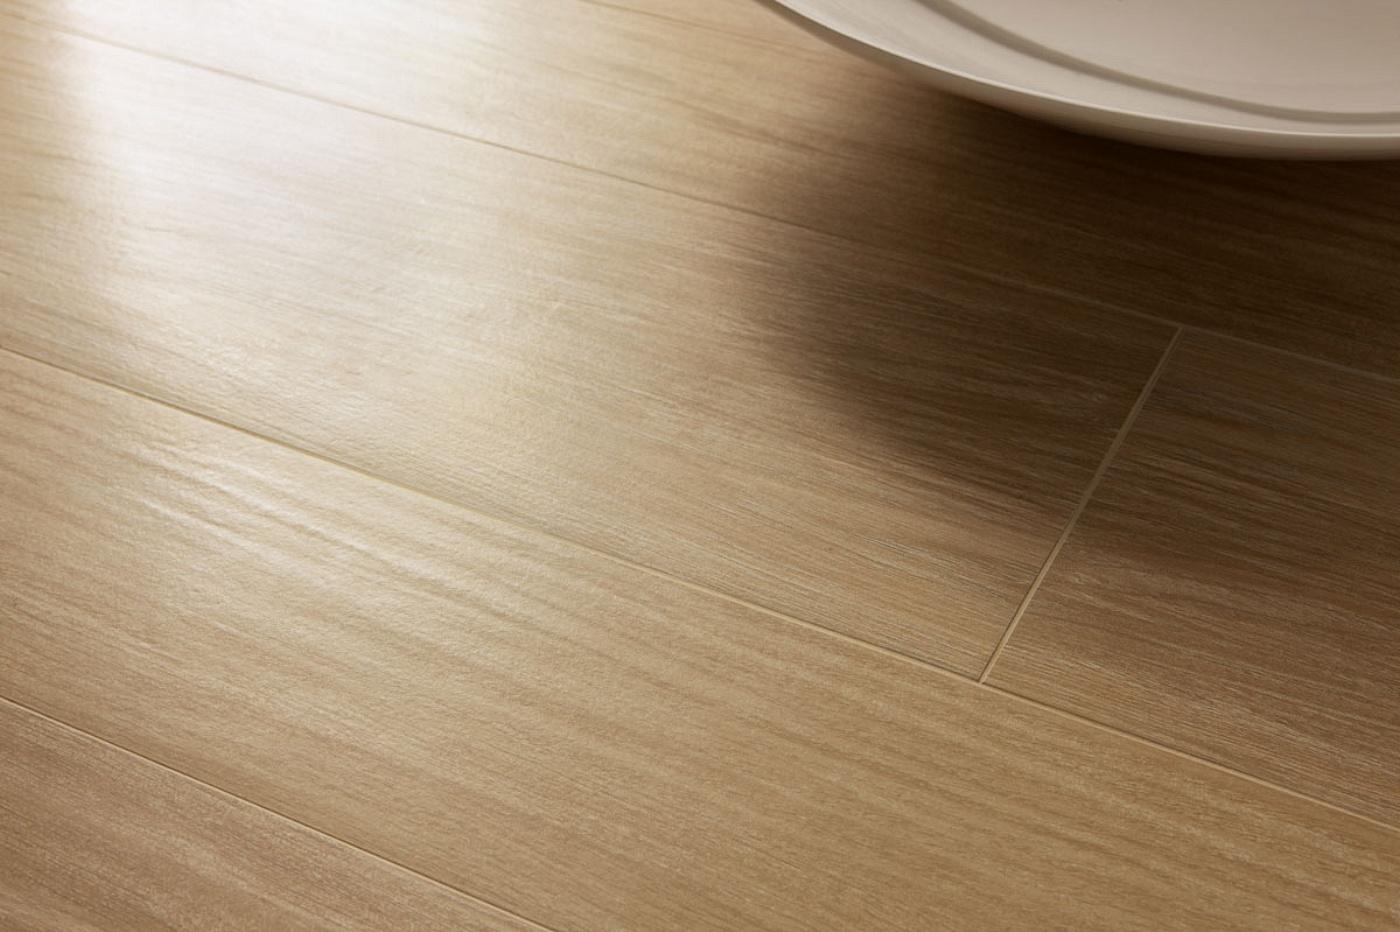 Pegoiani pavimenti megastore brescia rovere pino effetto legno 15x90 rettificato sp 1 - Piastrelle finto legno prezzi ...